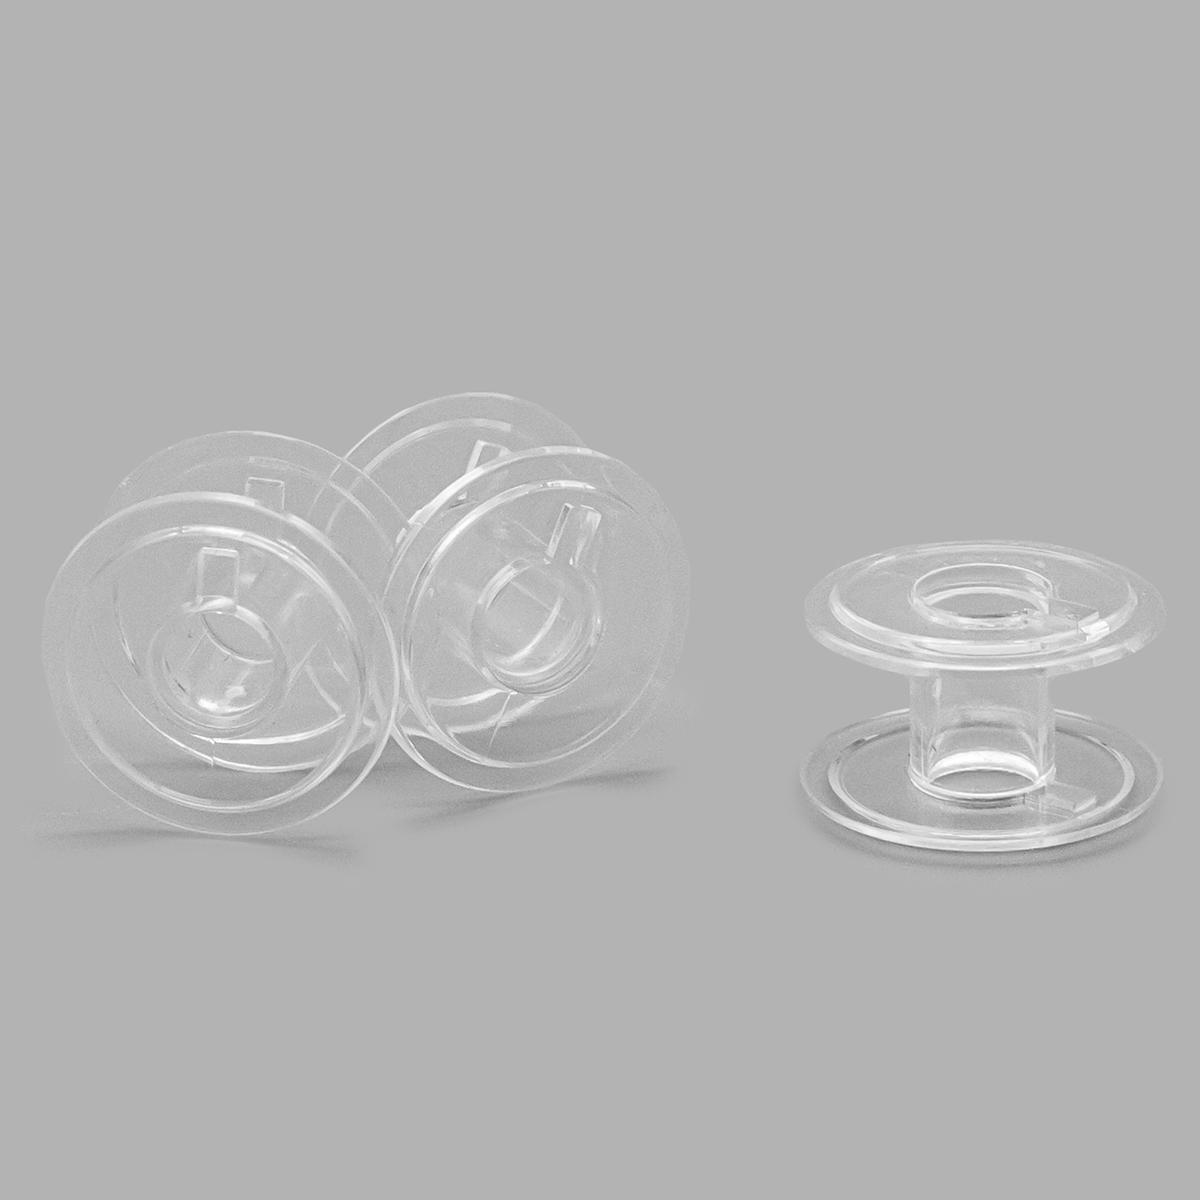 250150 Шпульки стандартные пластиковые, упак./3 шт., Hobby&Pro